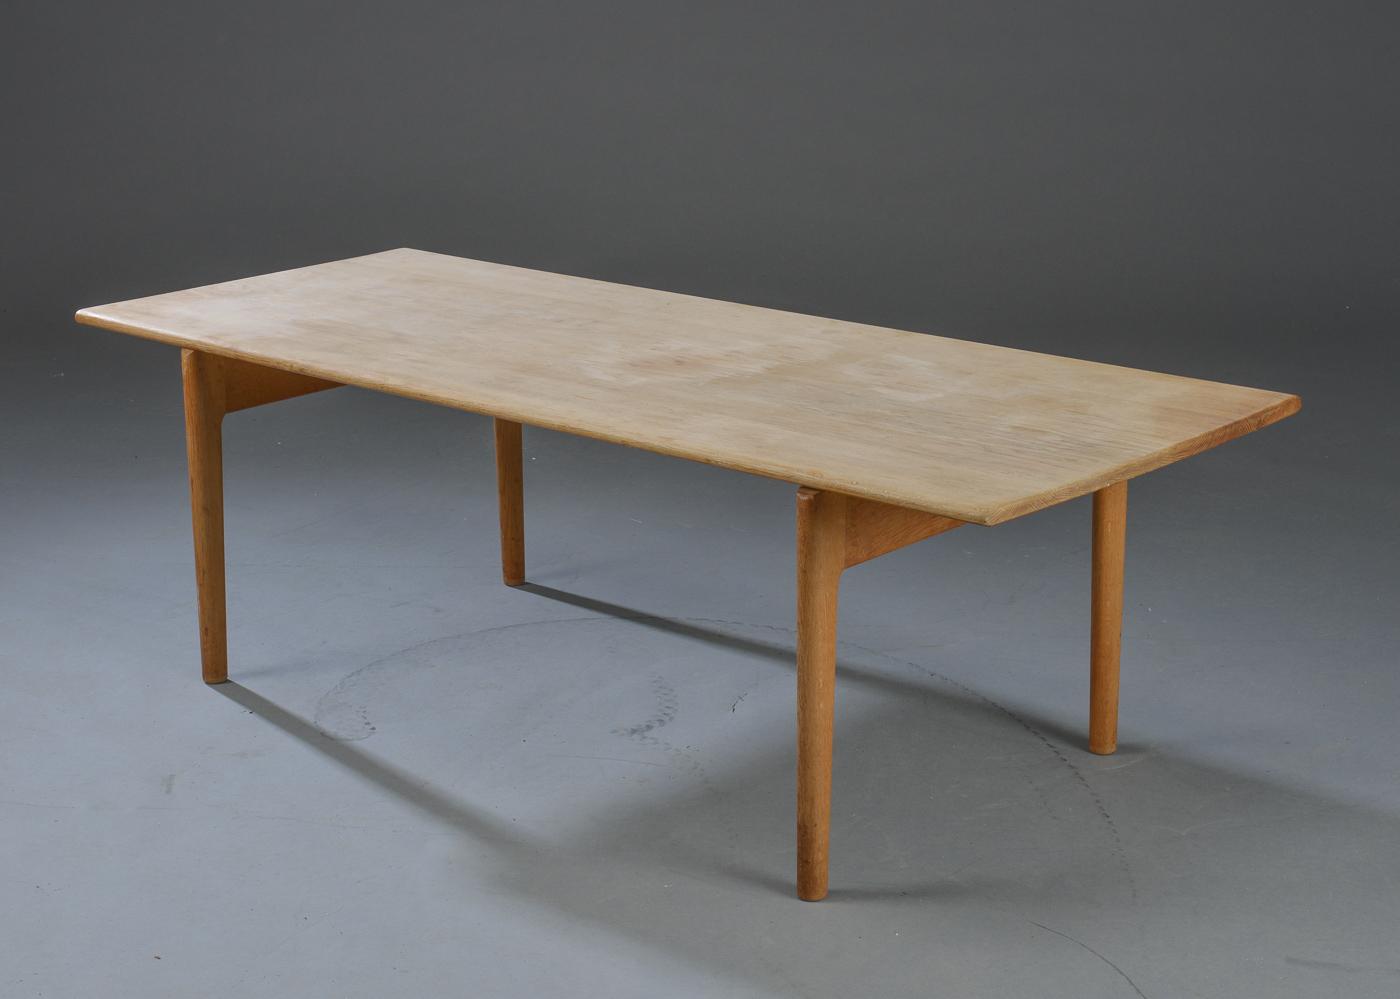 Hans J. Wegner. Sofabord af massiv egetræ, model AT15 - Hans J. Wegner 1914-2007. Sofabord model AT-15 af massiv egetræ. Fremstillet hos Andreas Tuck. H. 48 cm. L. 150 cm. B. 60 cm. Købt 1954. Fremstår med brugsslitage